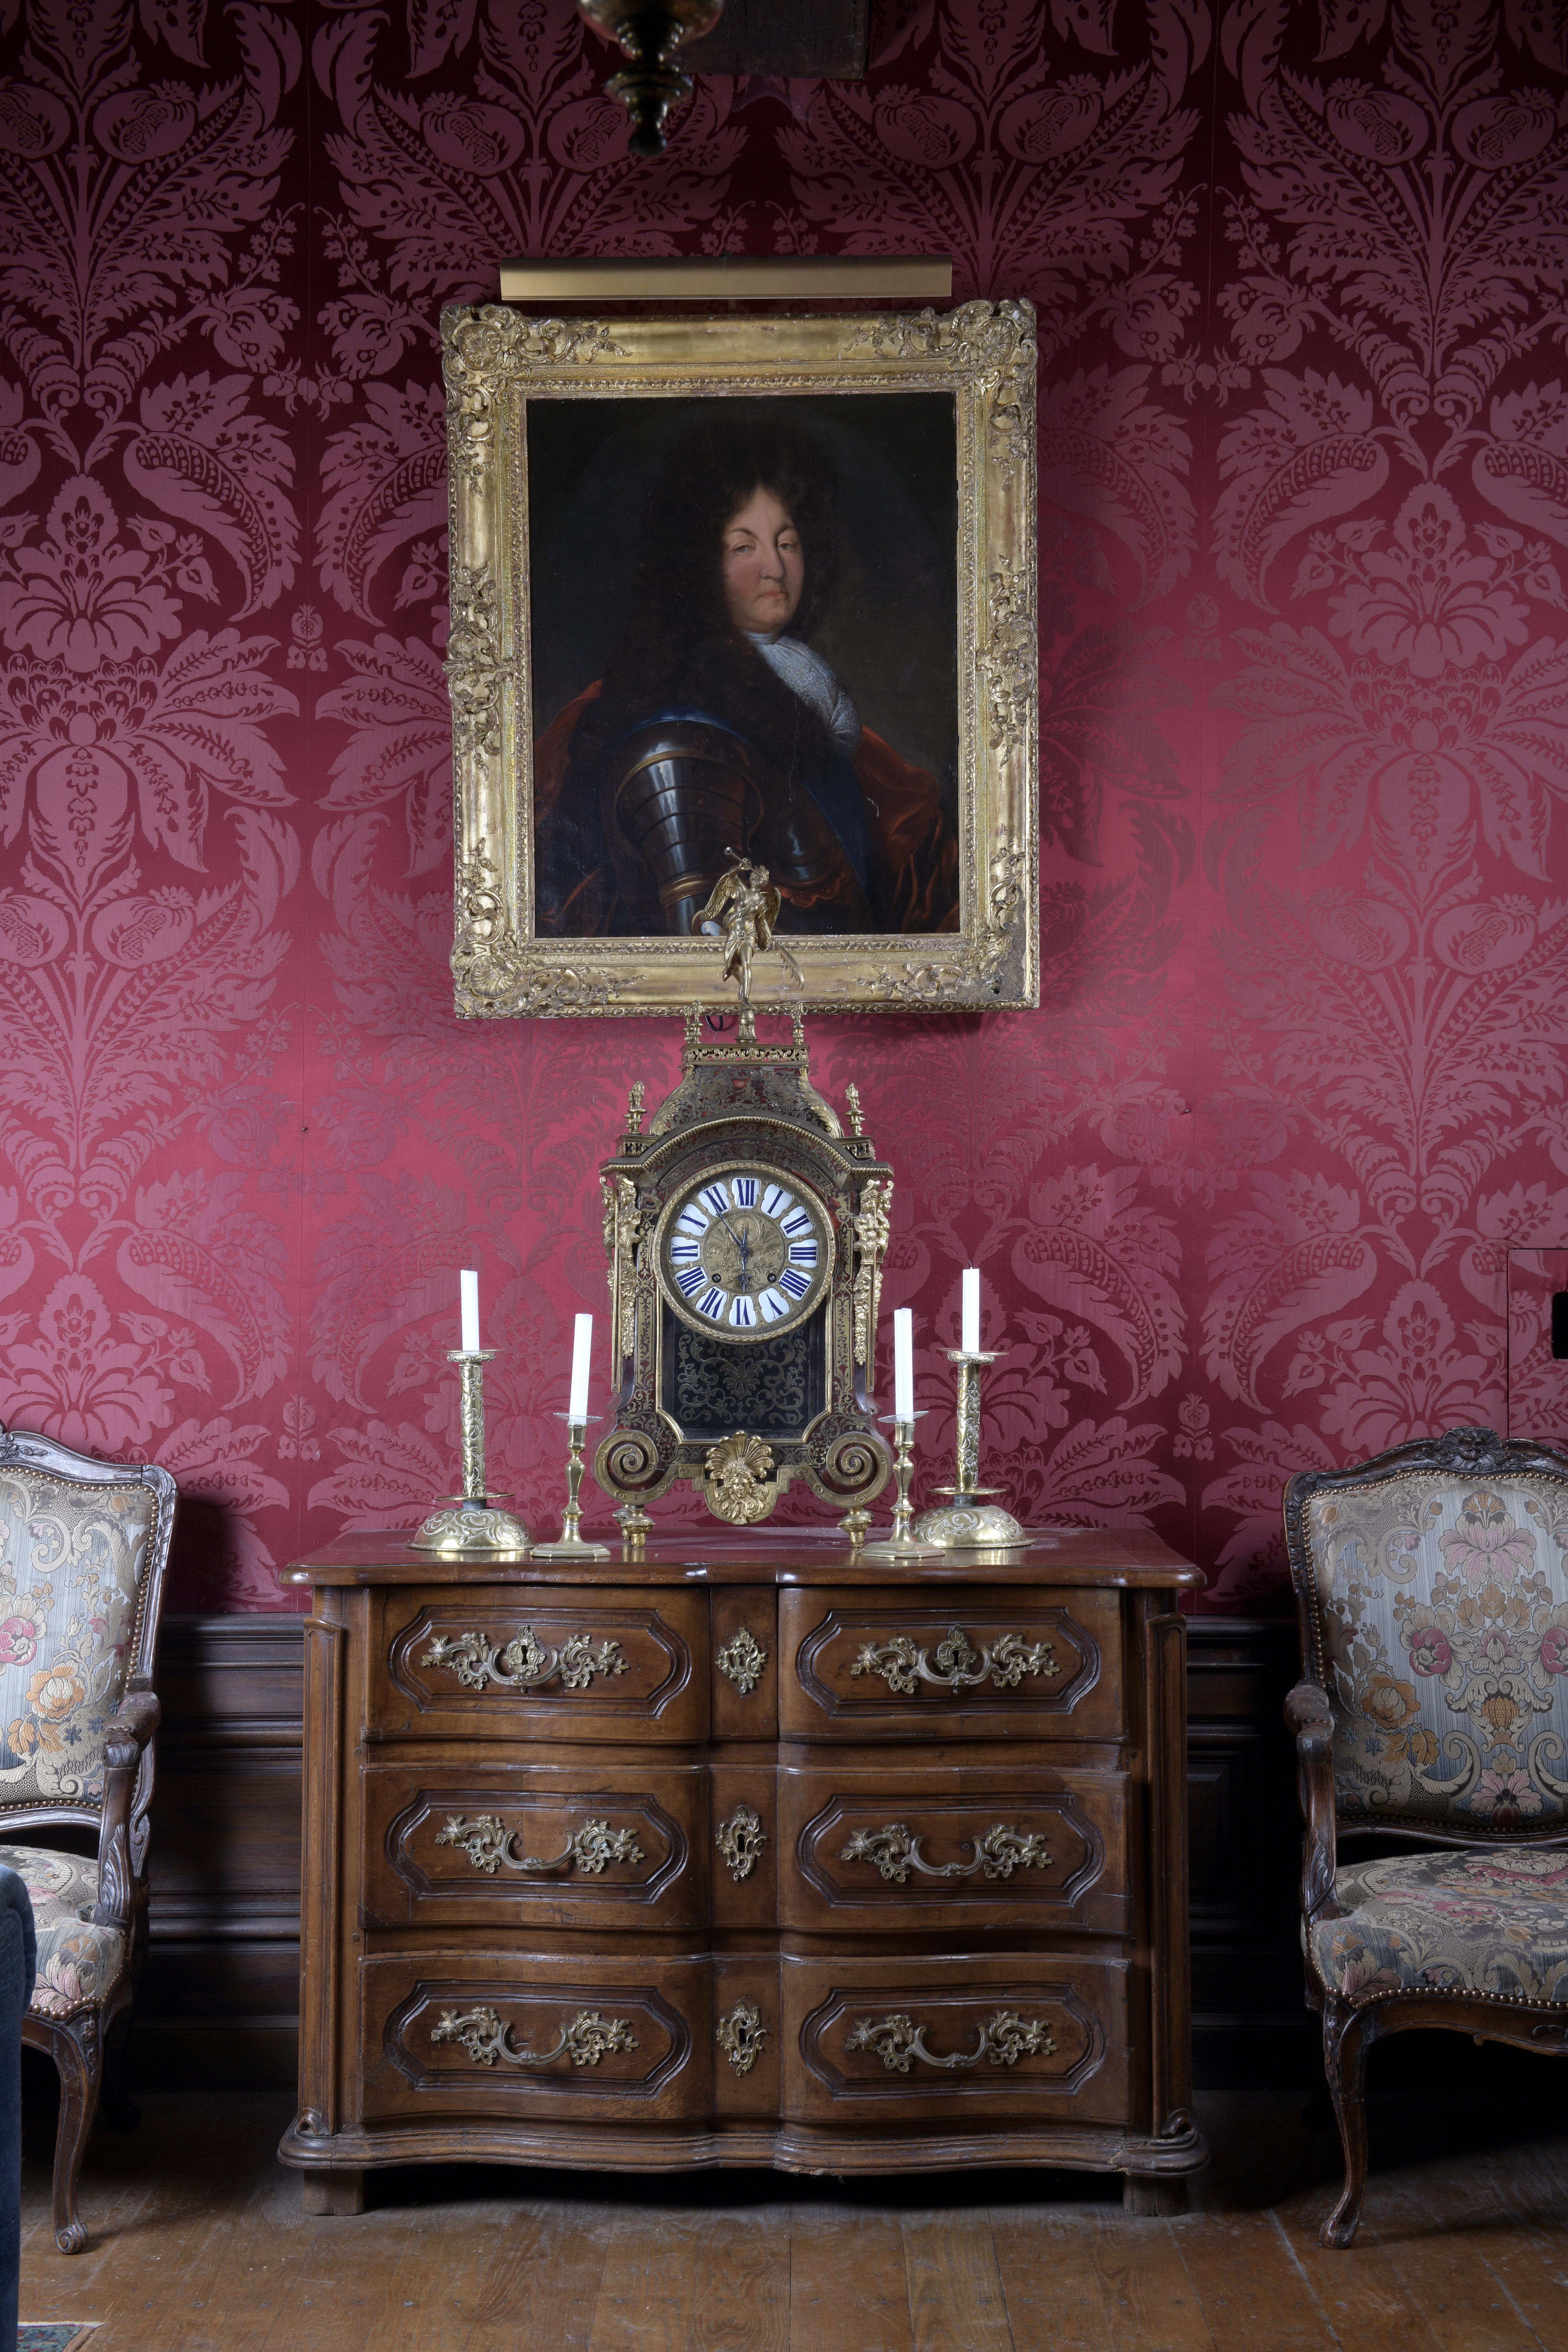 Vente Succession Alain Fouquet Abrial - Entier Mobilier du Château de Chabreville chez Lynda Trouvé OVV : 414 lots